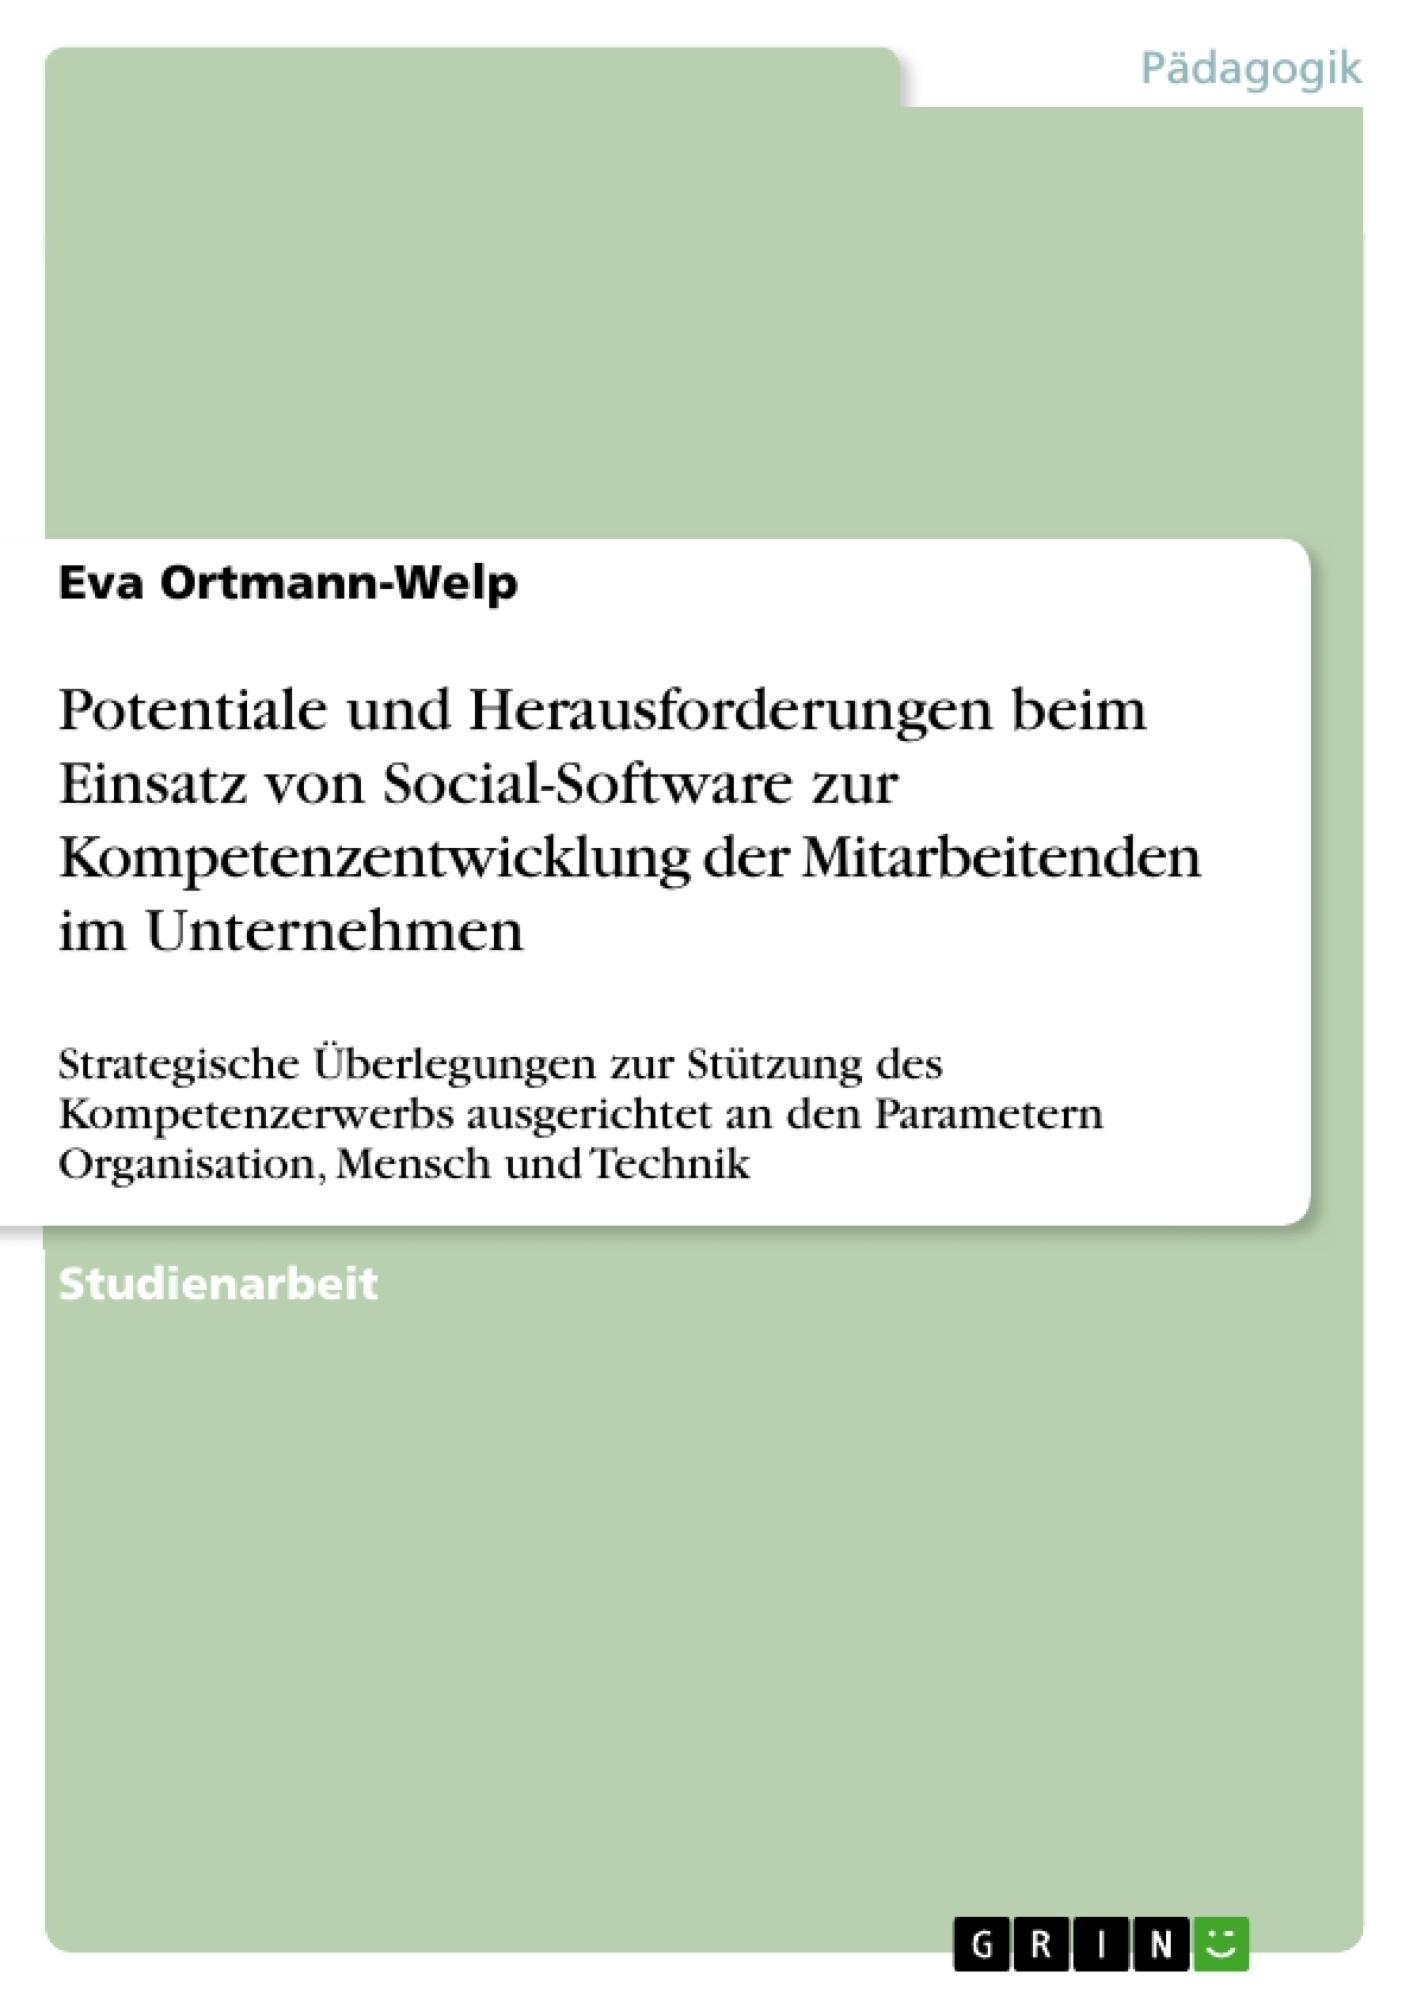 Titel: Potentiale und Herausforderungen beim Einsatz von Social-Software zur Kompetenzentwicklung der Mitarbeitenden im Unternehmen